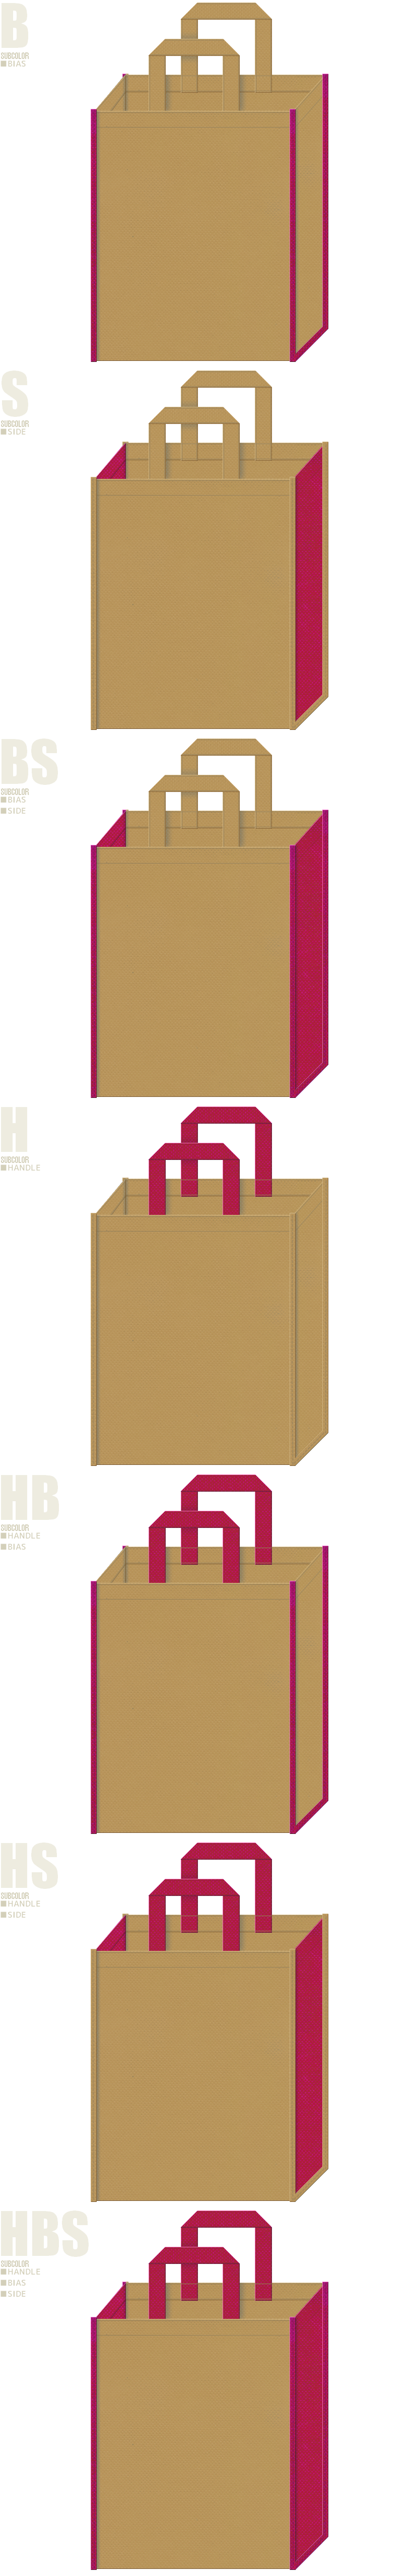 金色系黄土色と濃いピンク色、7パターンの不織布トートバッグ配色デザイン例。トロピカルイメージにお奨めです。